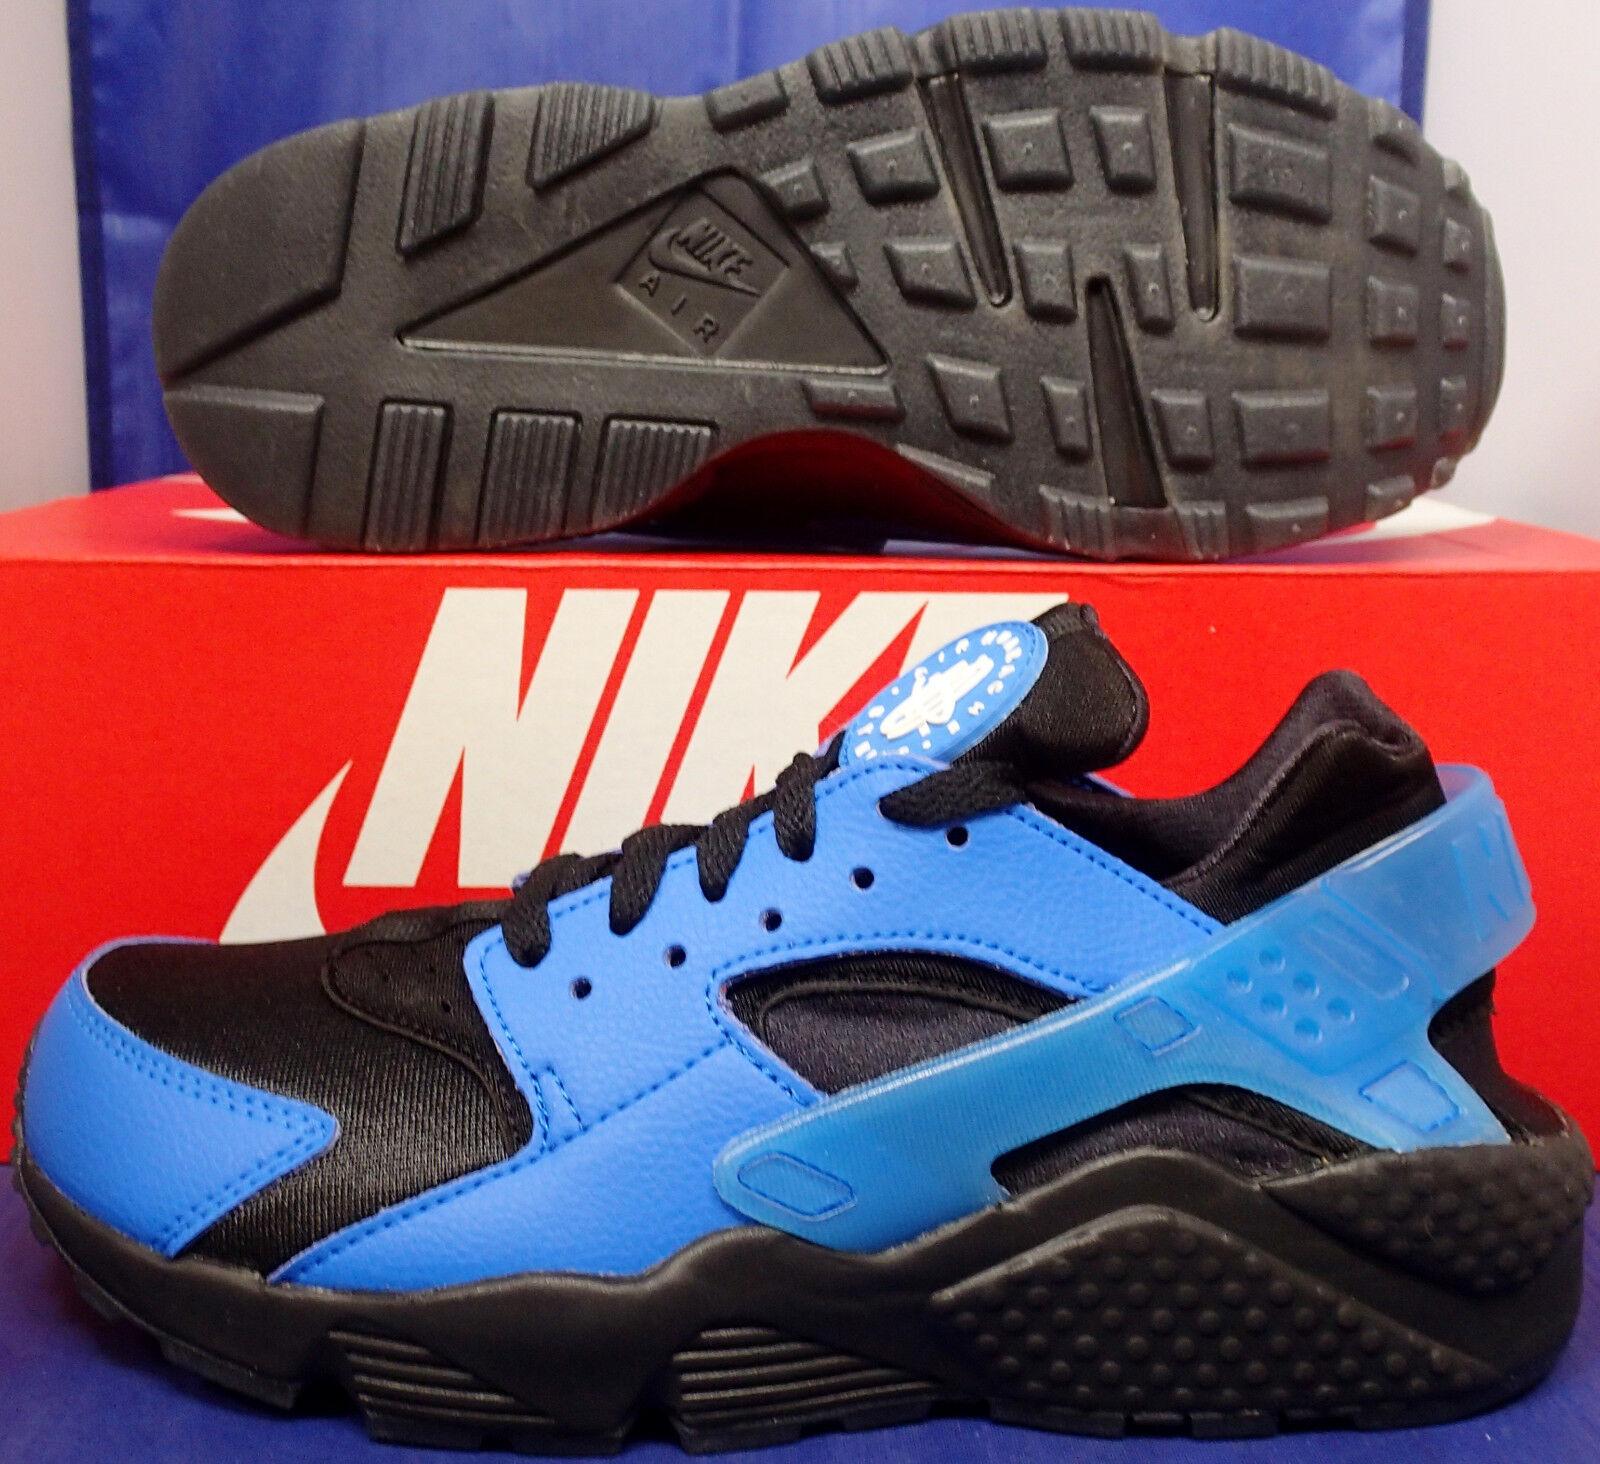 Nike Air Huarache Run ID ID ID Azul Negro Talla 6    para mujer Talla 7.5 (777330-994)  bienvenido a orden